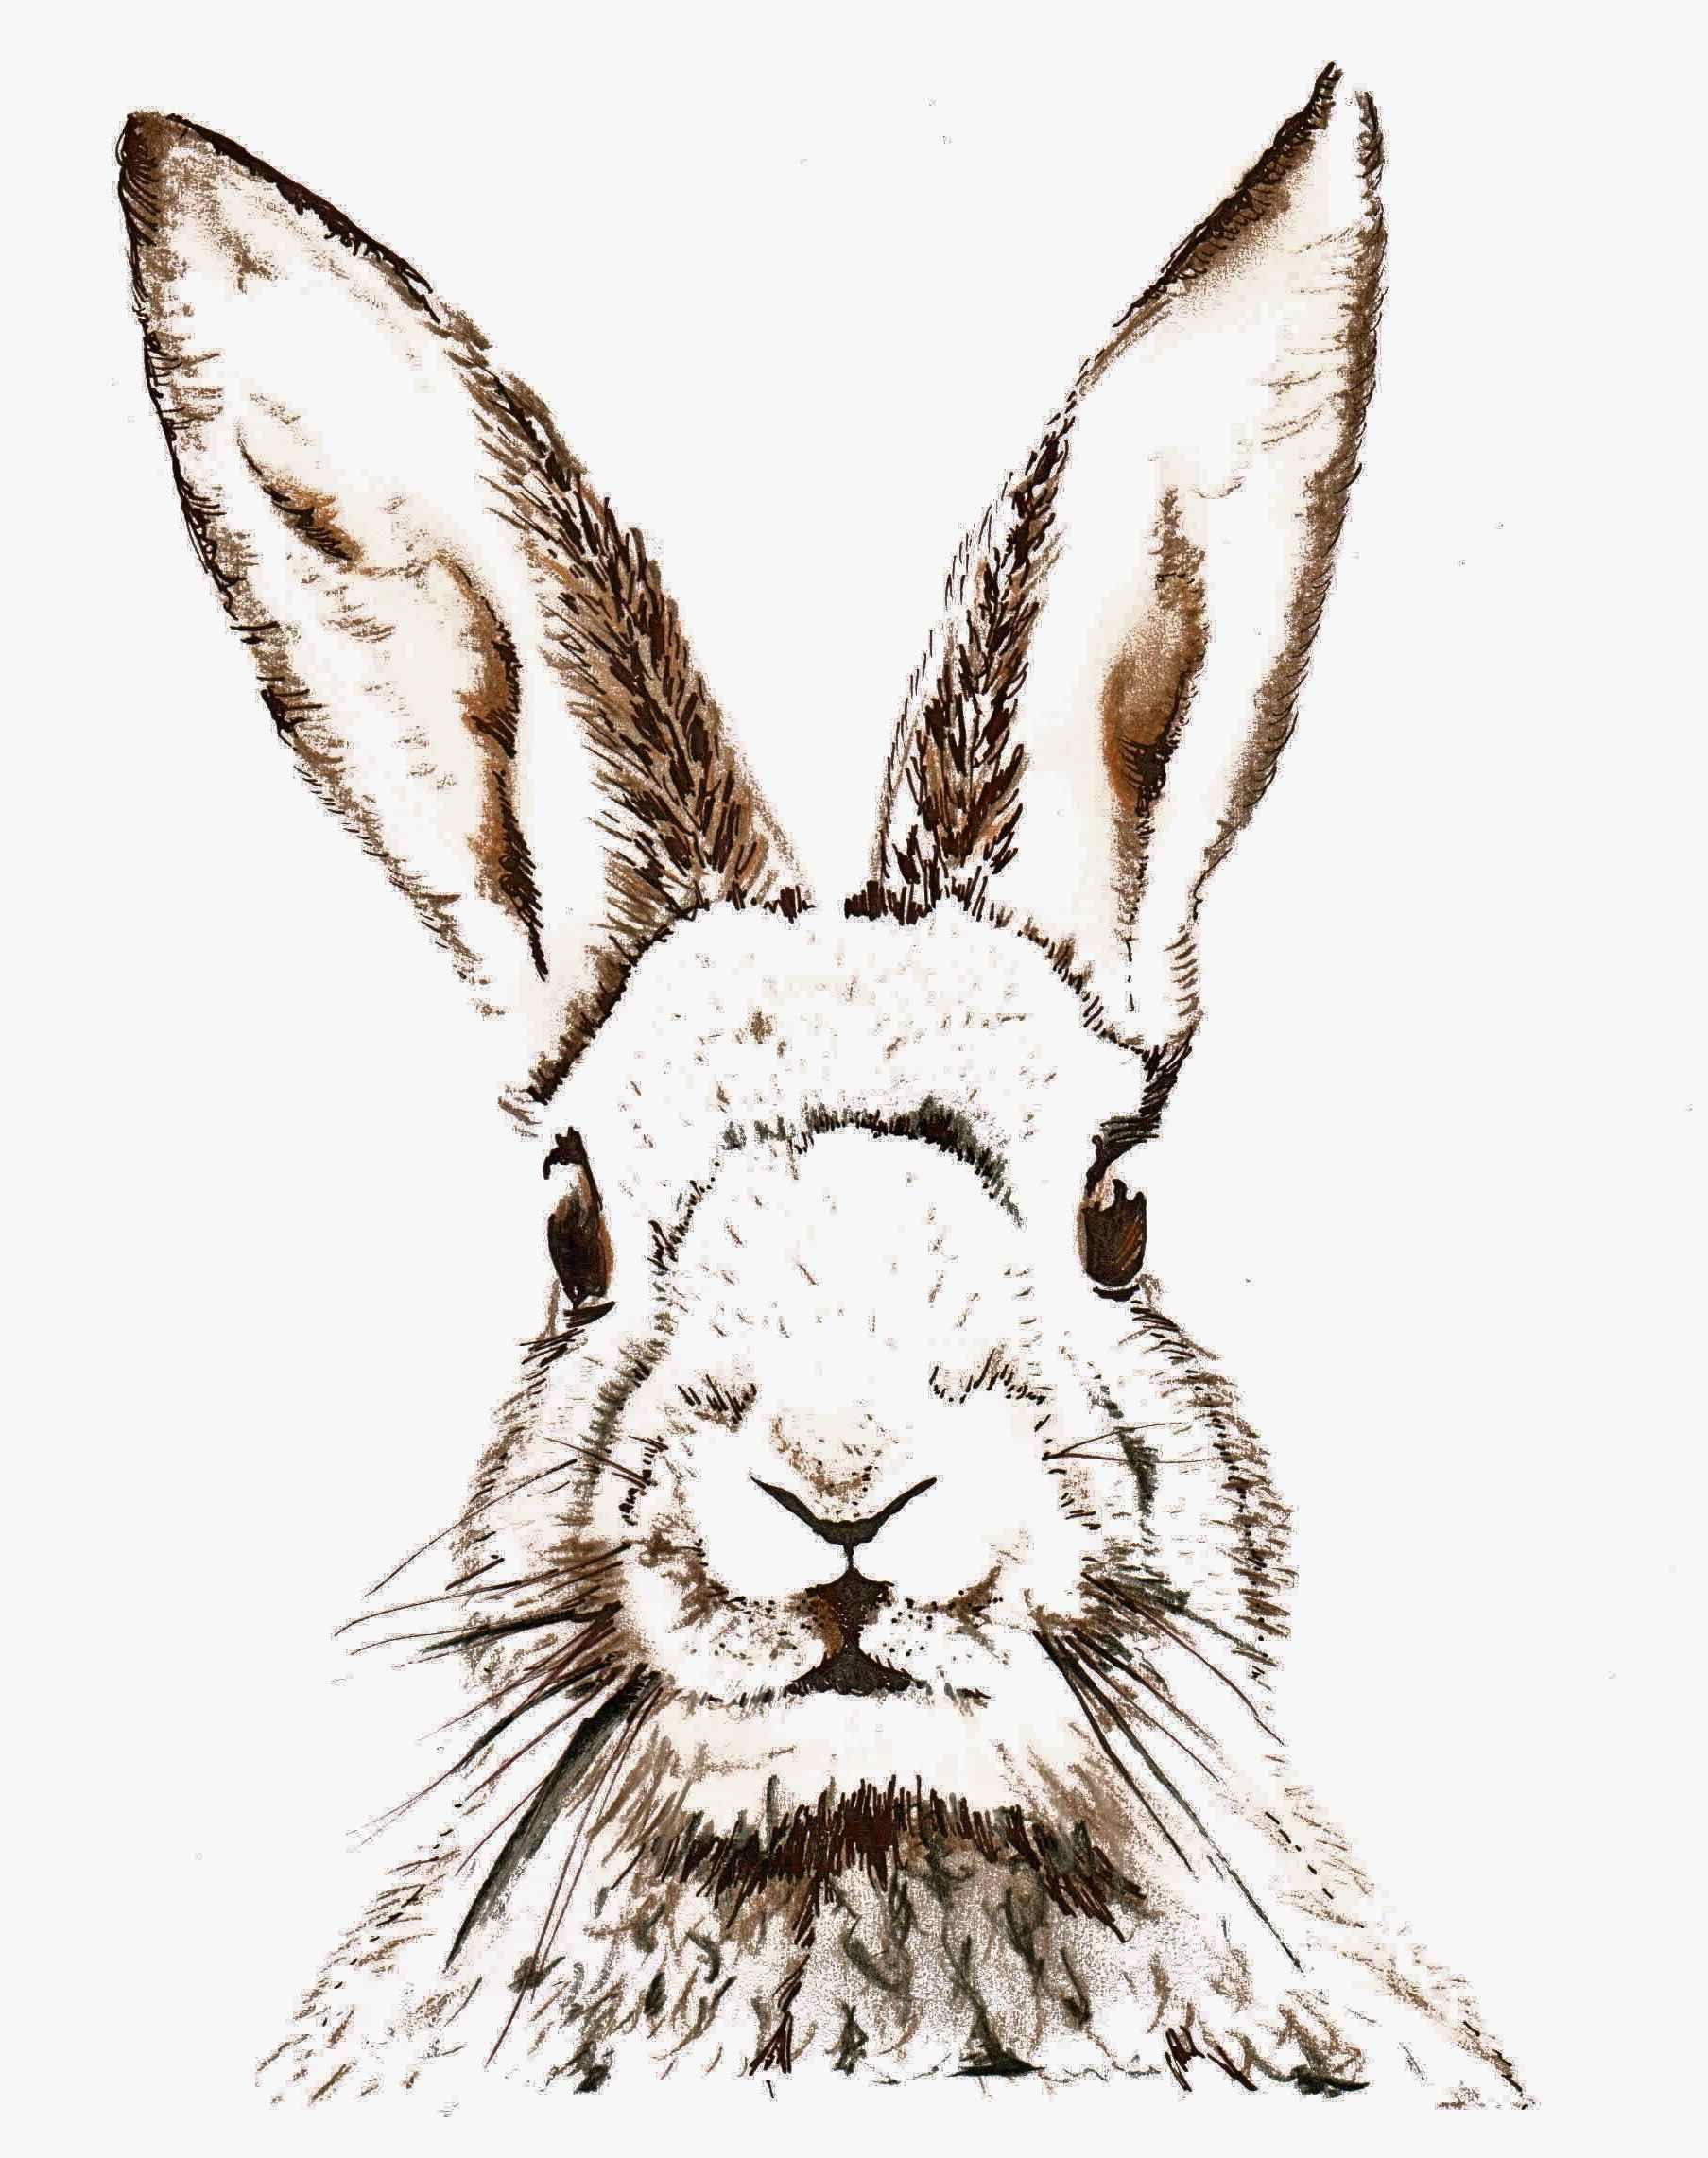 Free Vintage Easter Clipart | Spring | Easter, Easter Printables - Free Printable Vintage Easter Images